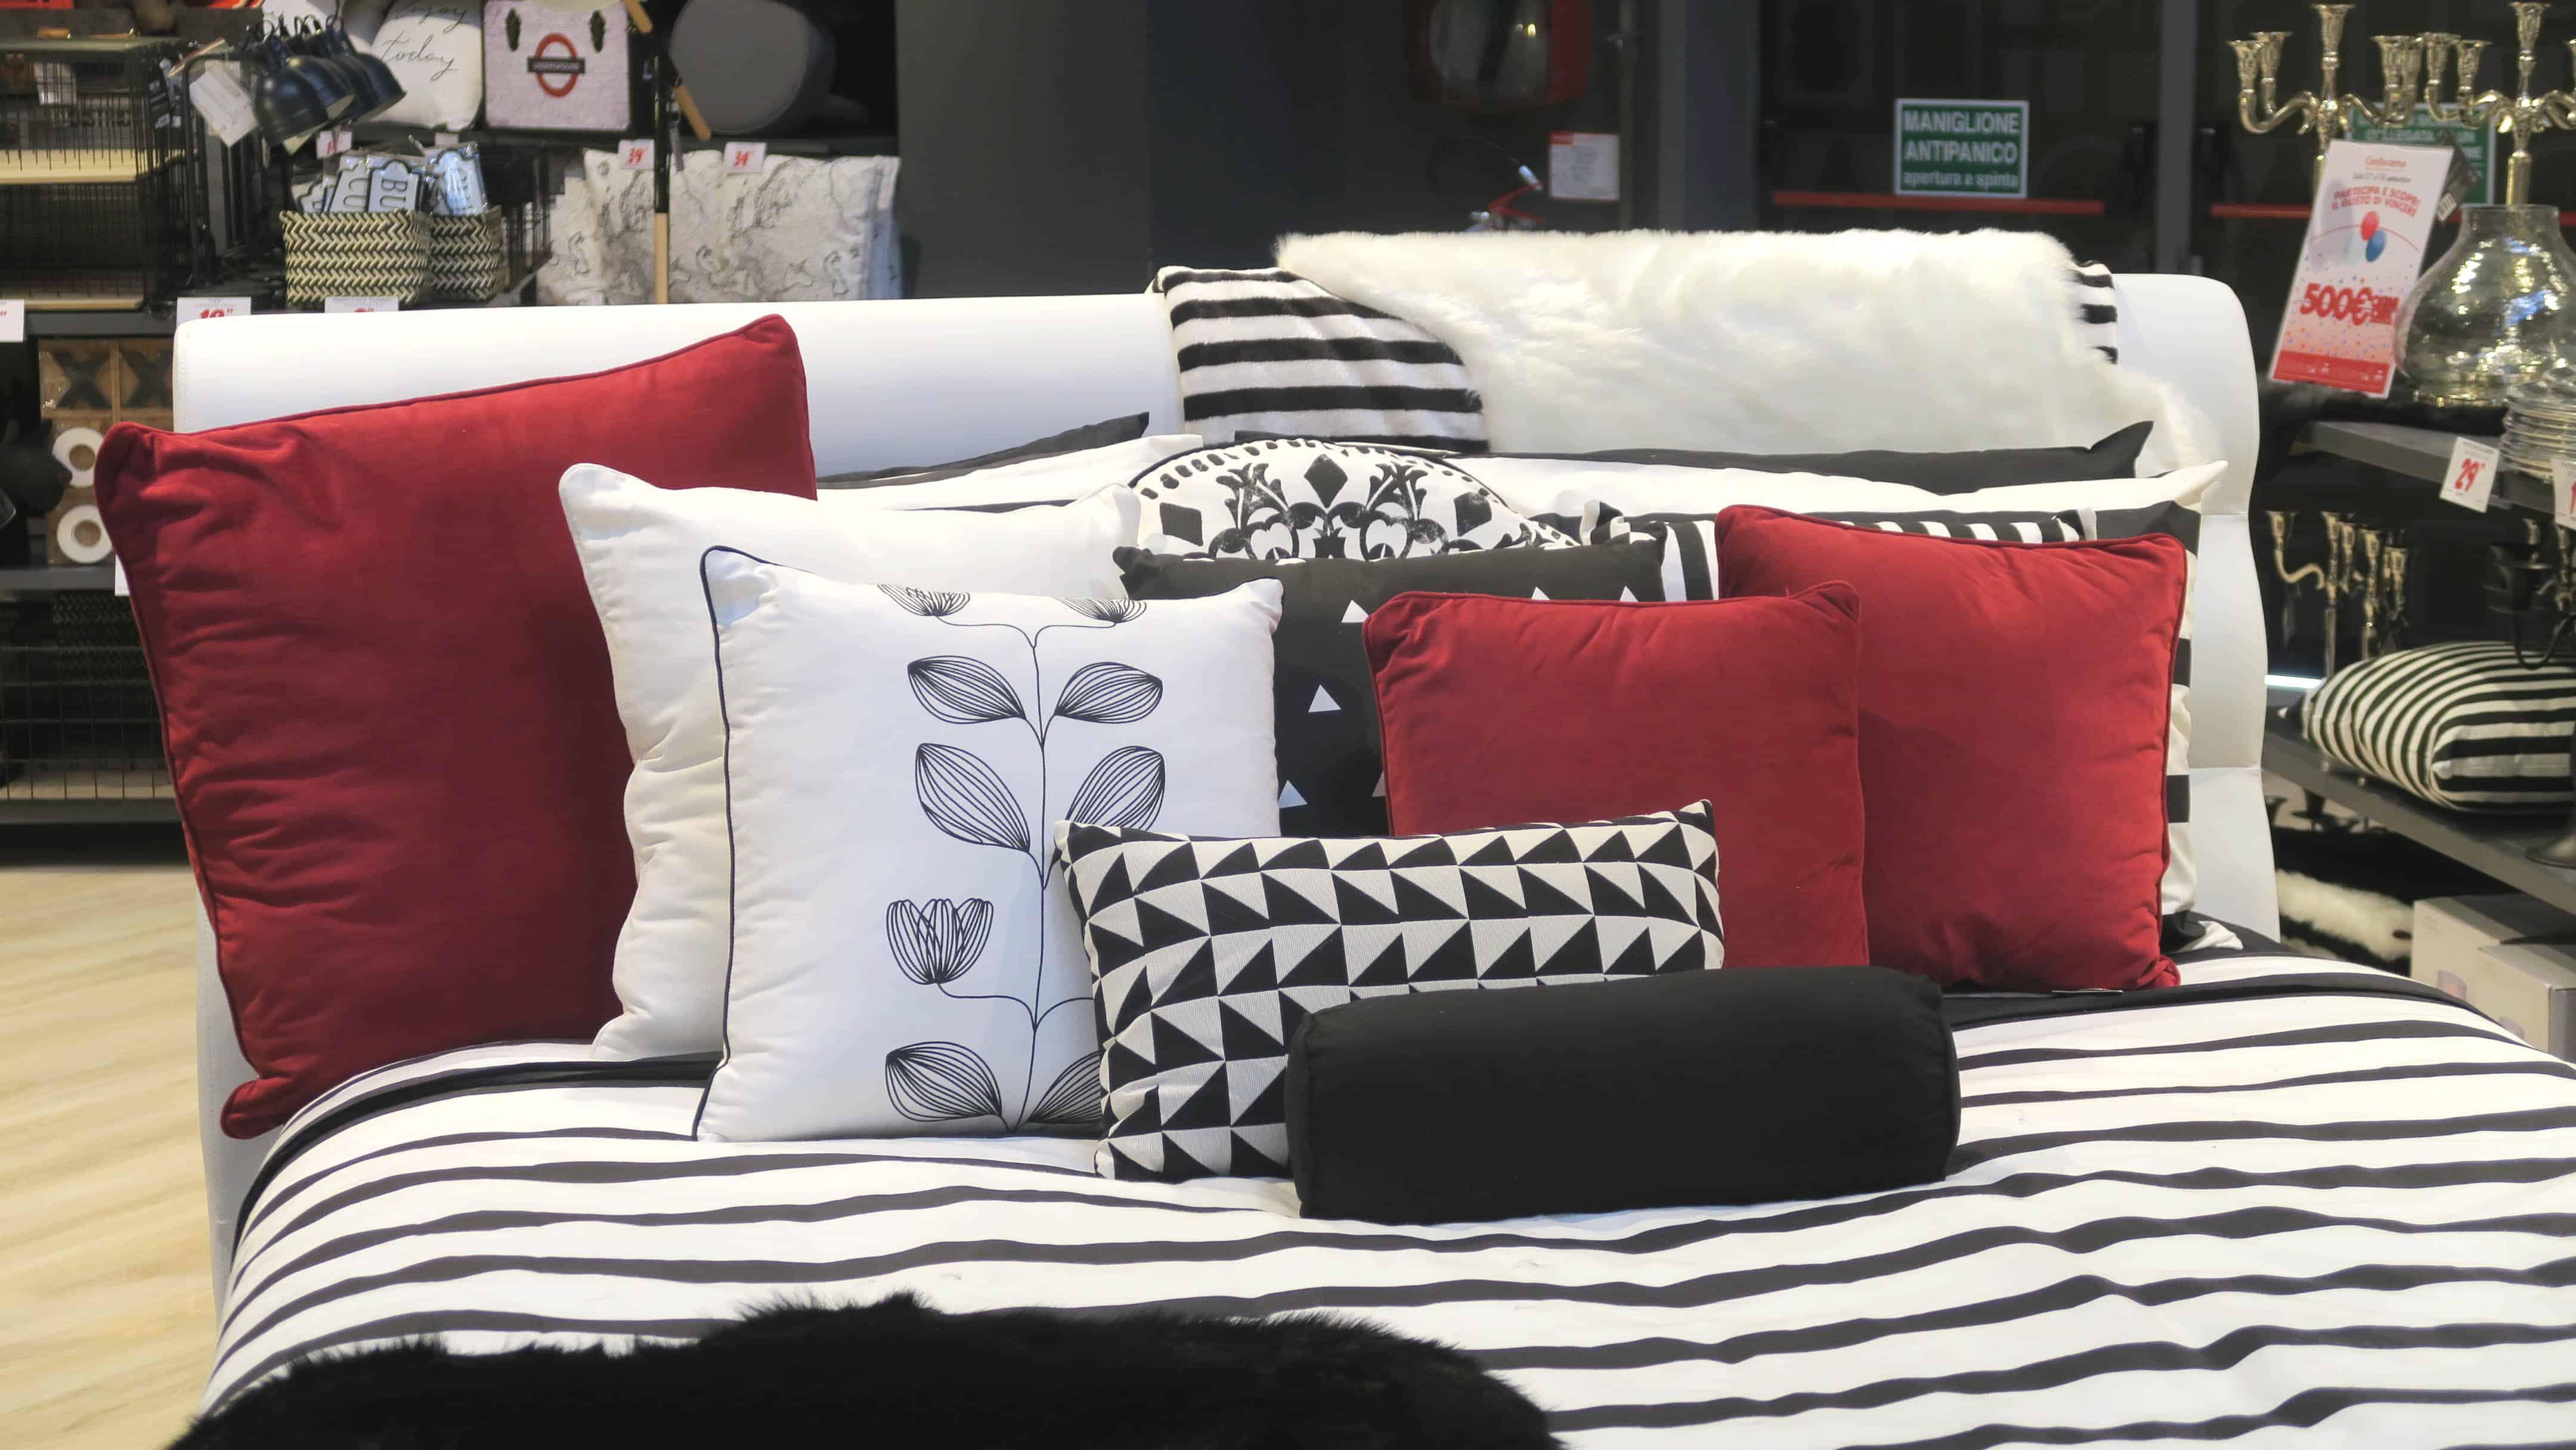 Nuovi shops di arredamento: il punto vendita Conforama a Settimo Torinese